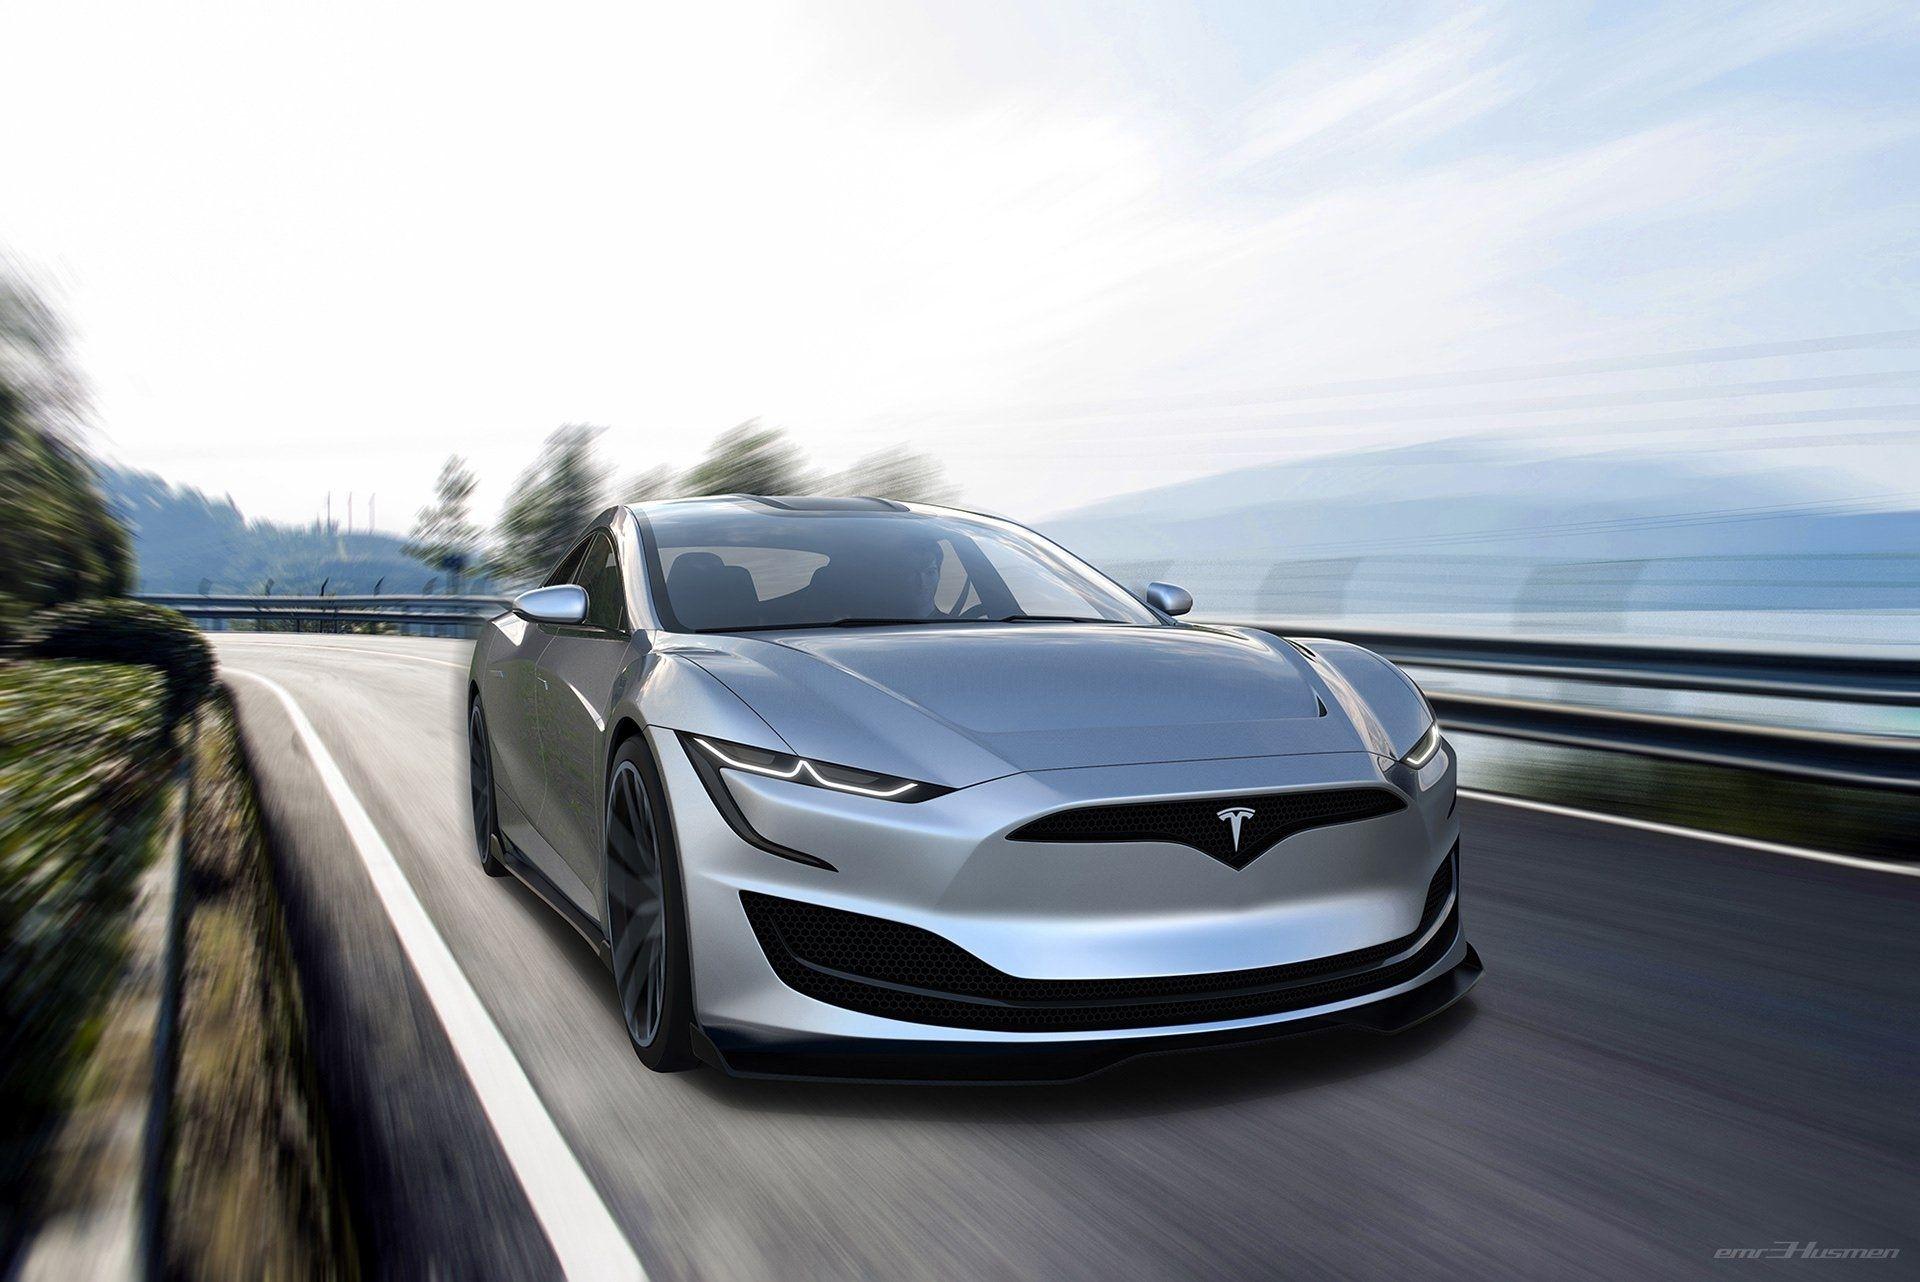 2020 Tesla Model S Redesign Redesign Tesla Model S Tesla Model Tesla